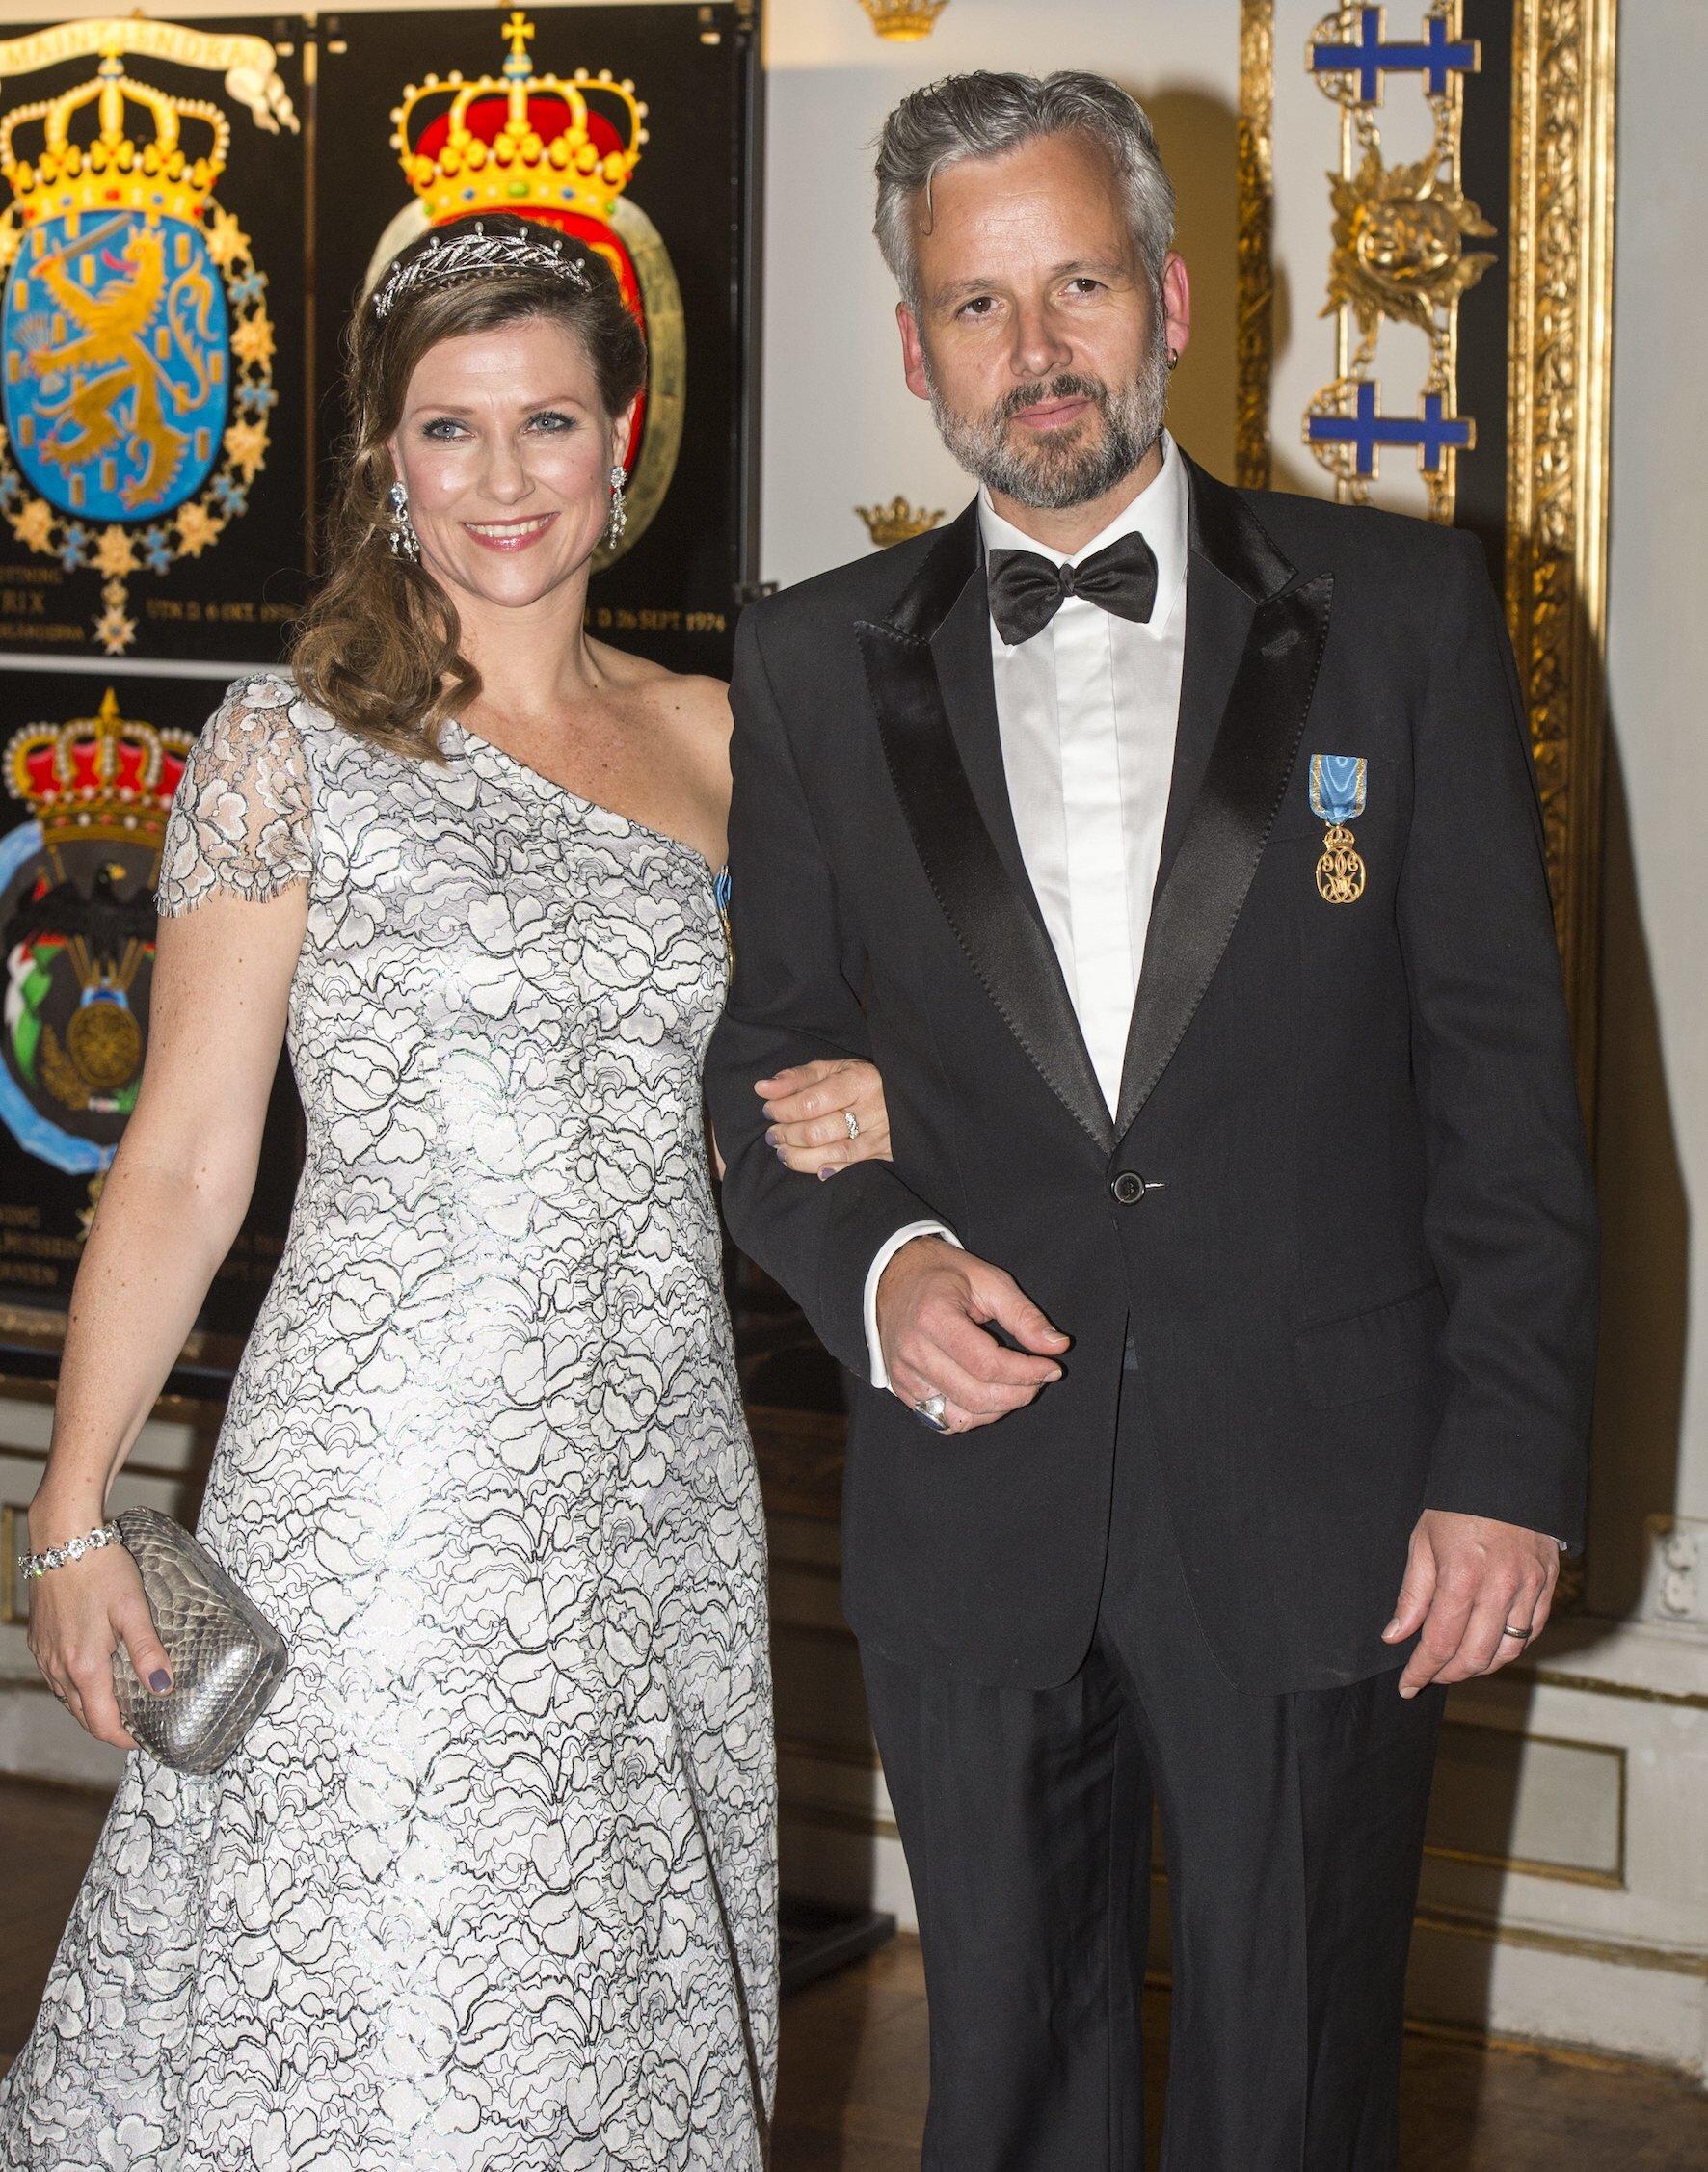 Ari Behn war von 2002 bis 2017 mit Prinzessin Märtha Louise verheiratet. Danach führte er eine Beziehung mit der Anwältin Ebba Rysst Heilmann.  © picture alliance/IBL Schweden